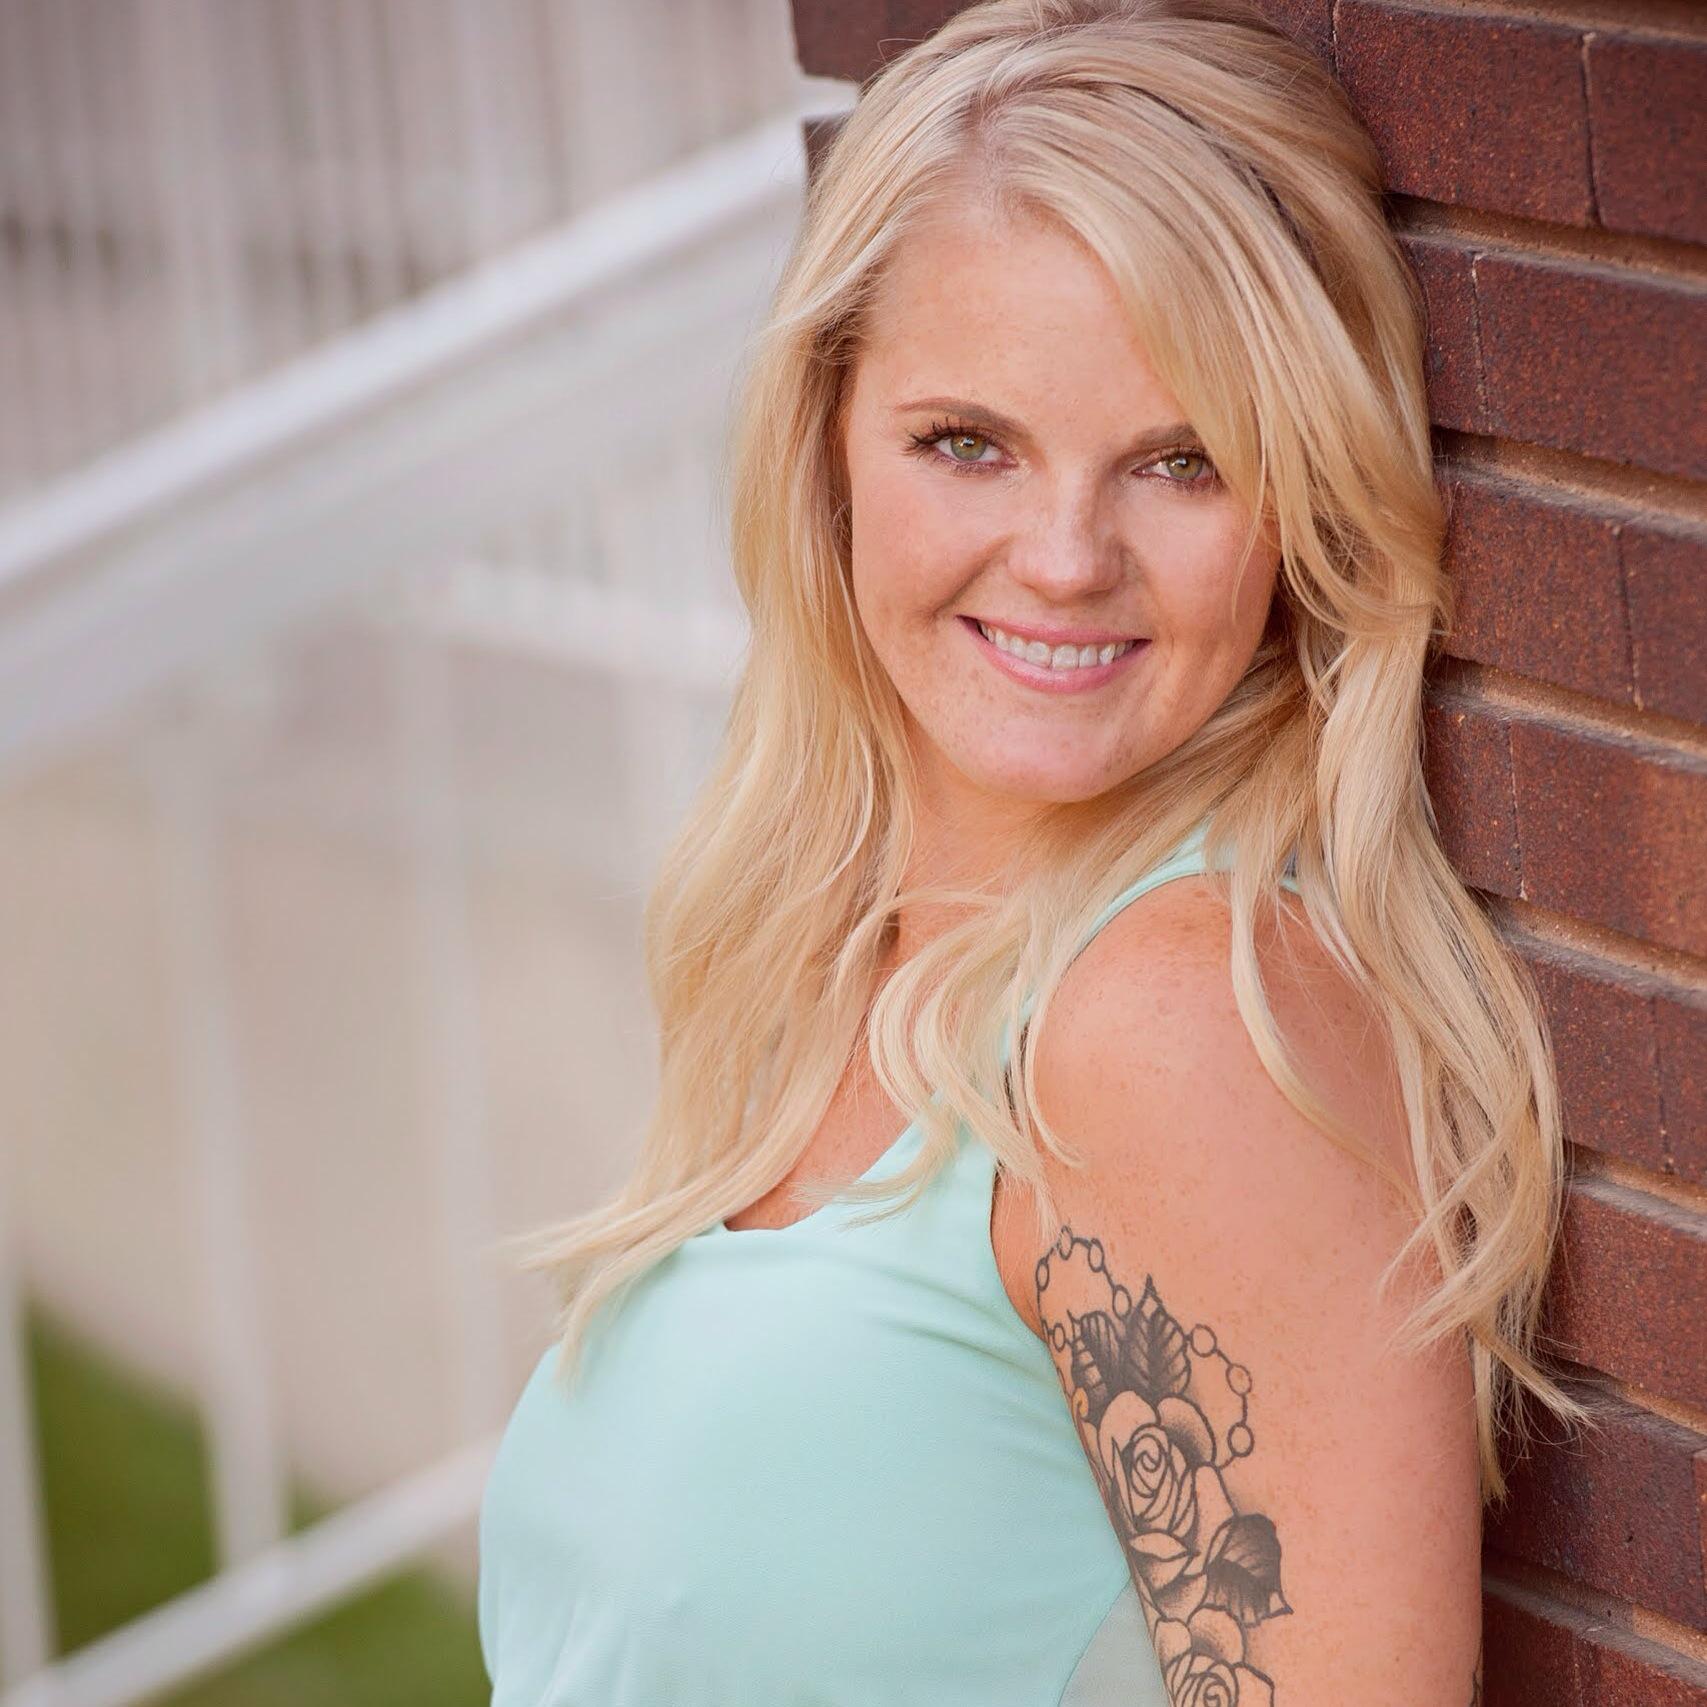 Madison Maternal Massage Team Leader / Owner